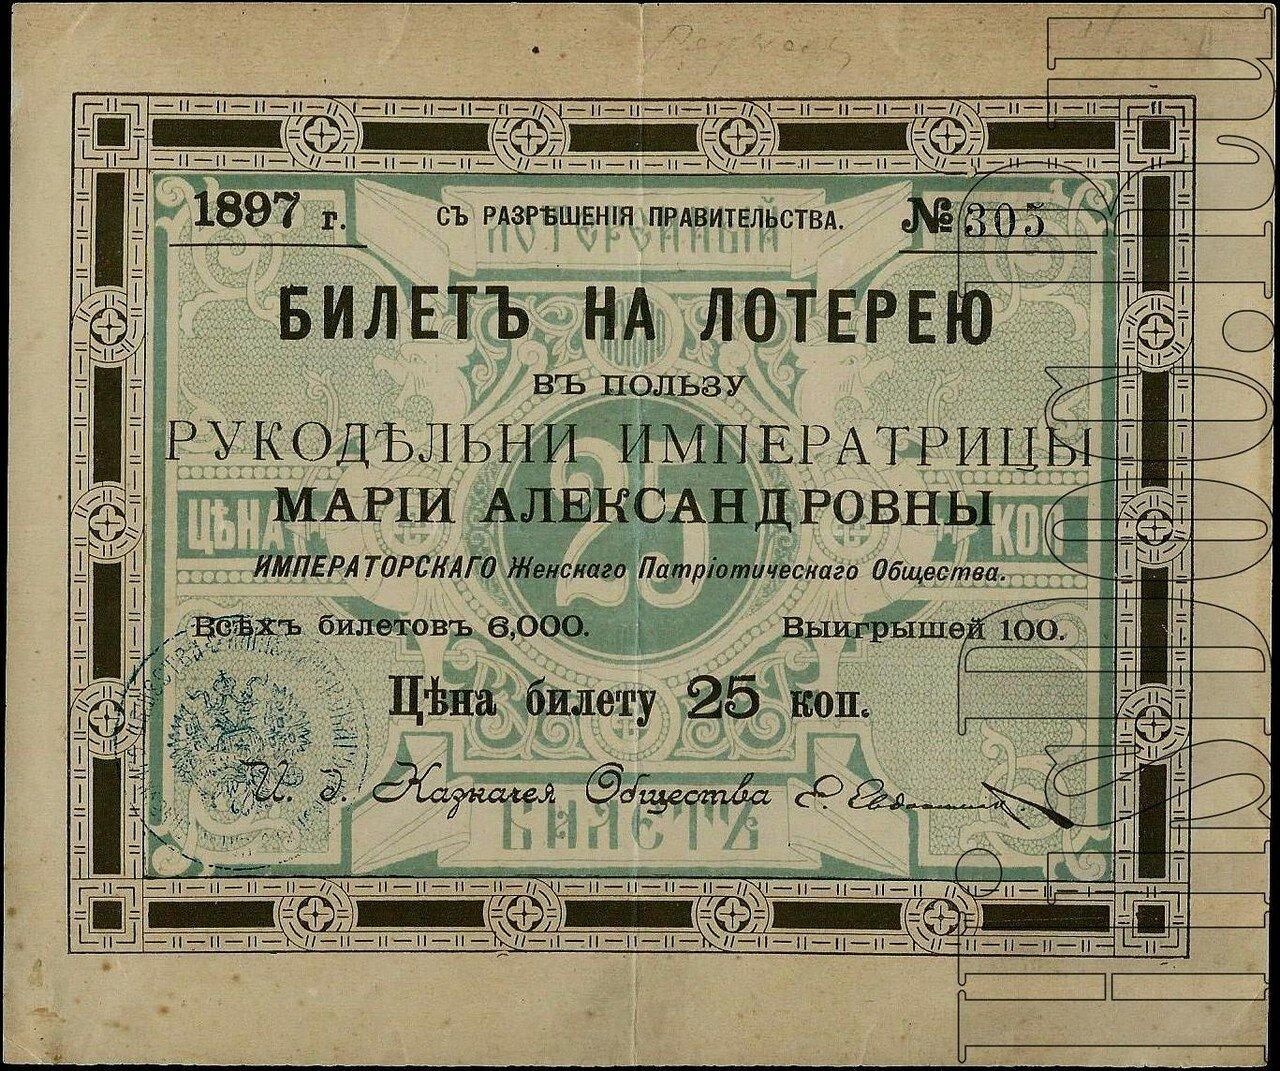 1897. Билет на лотерею в пользу Рукодельни Императрицы Марии Александровны Императорского женского патриотического общества